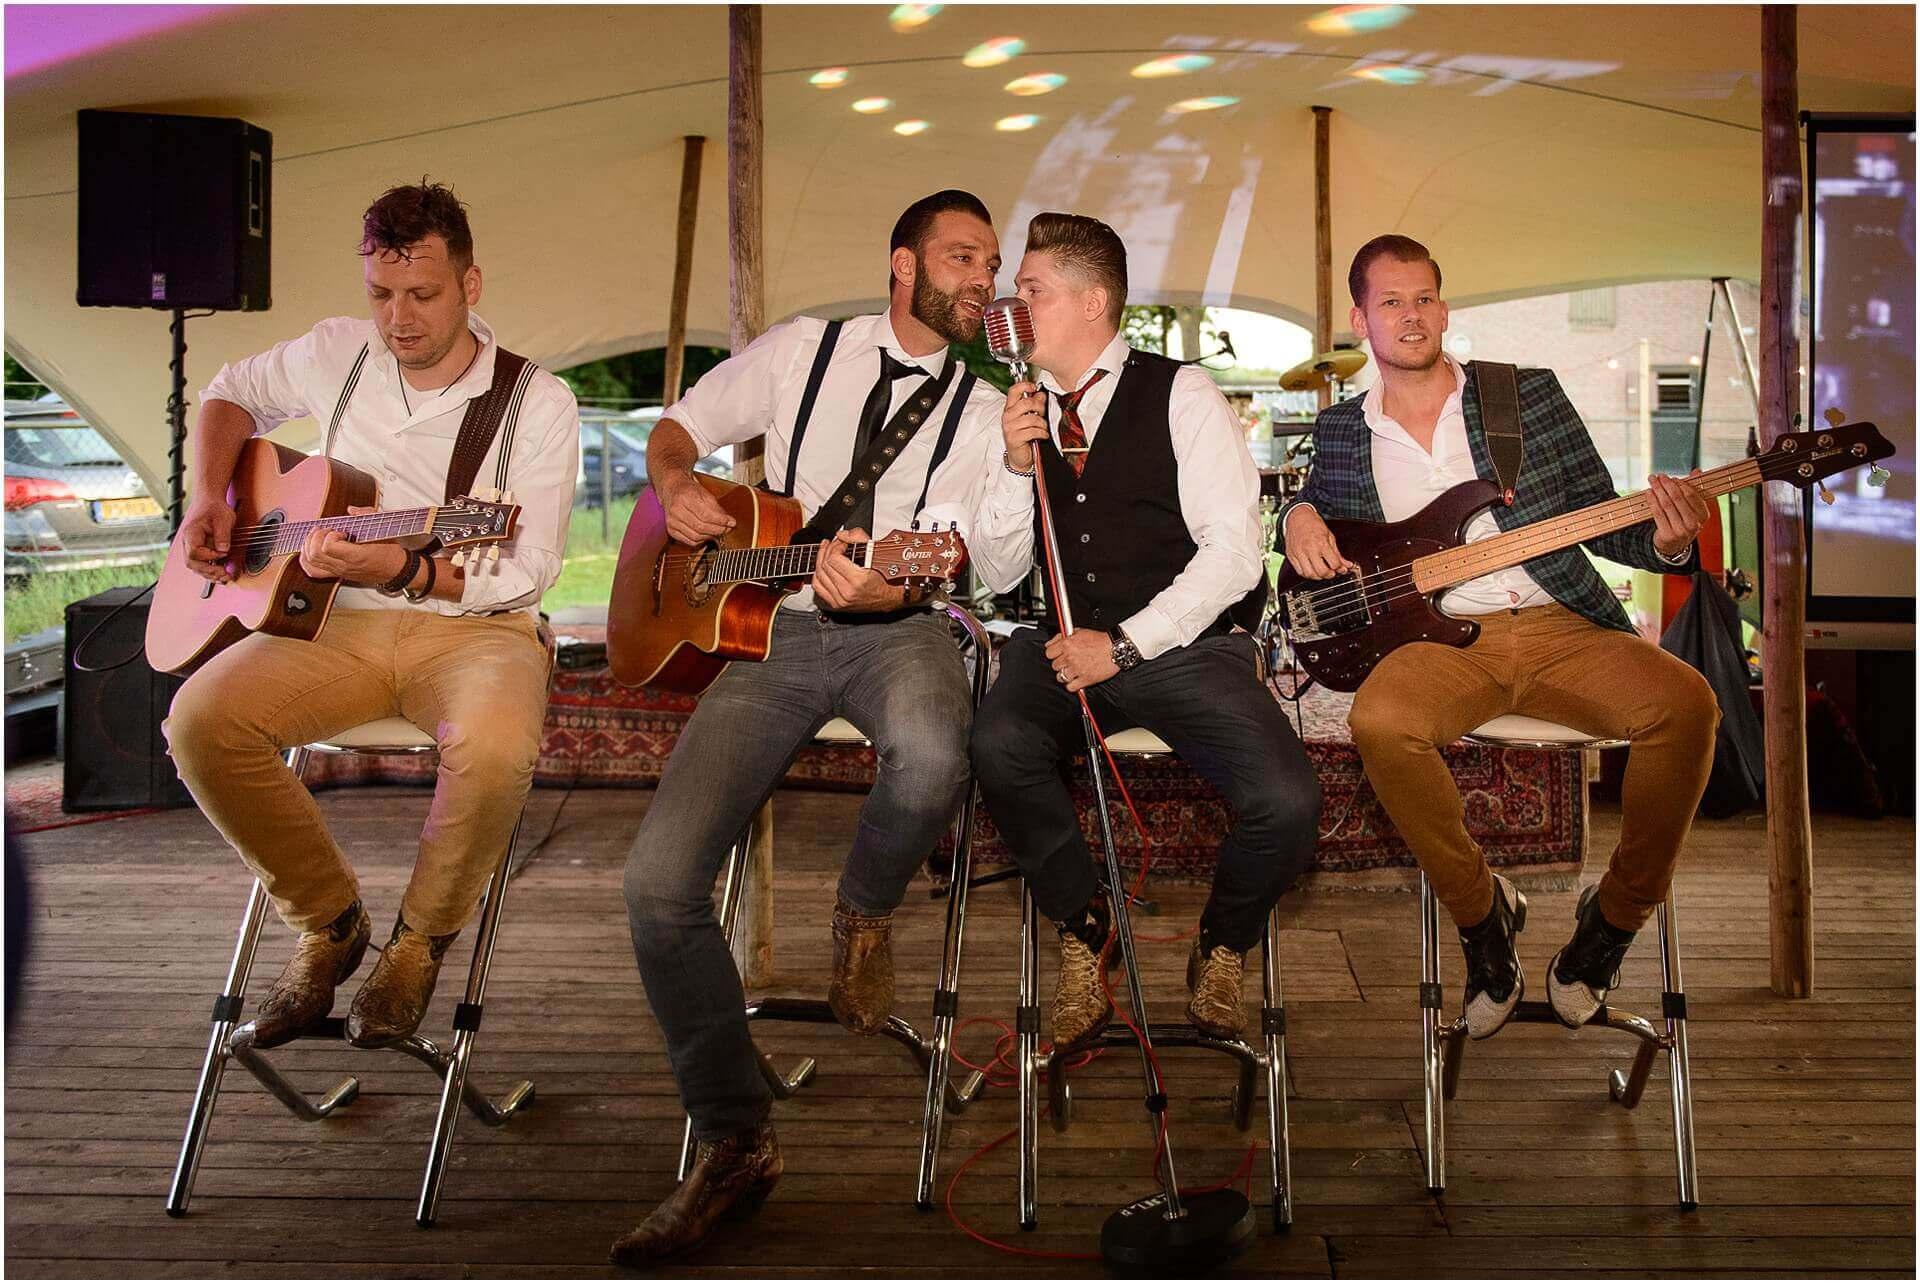 2017,Bedaf,Bruiloft,Sander en Karen Maas,Vorstenbosch1,buiten trouwen,